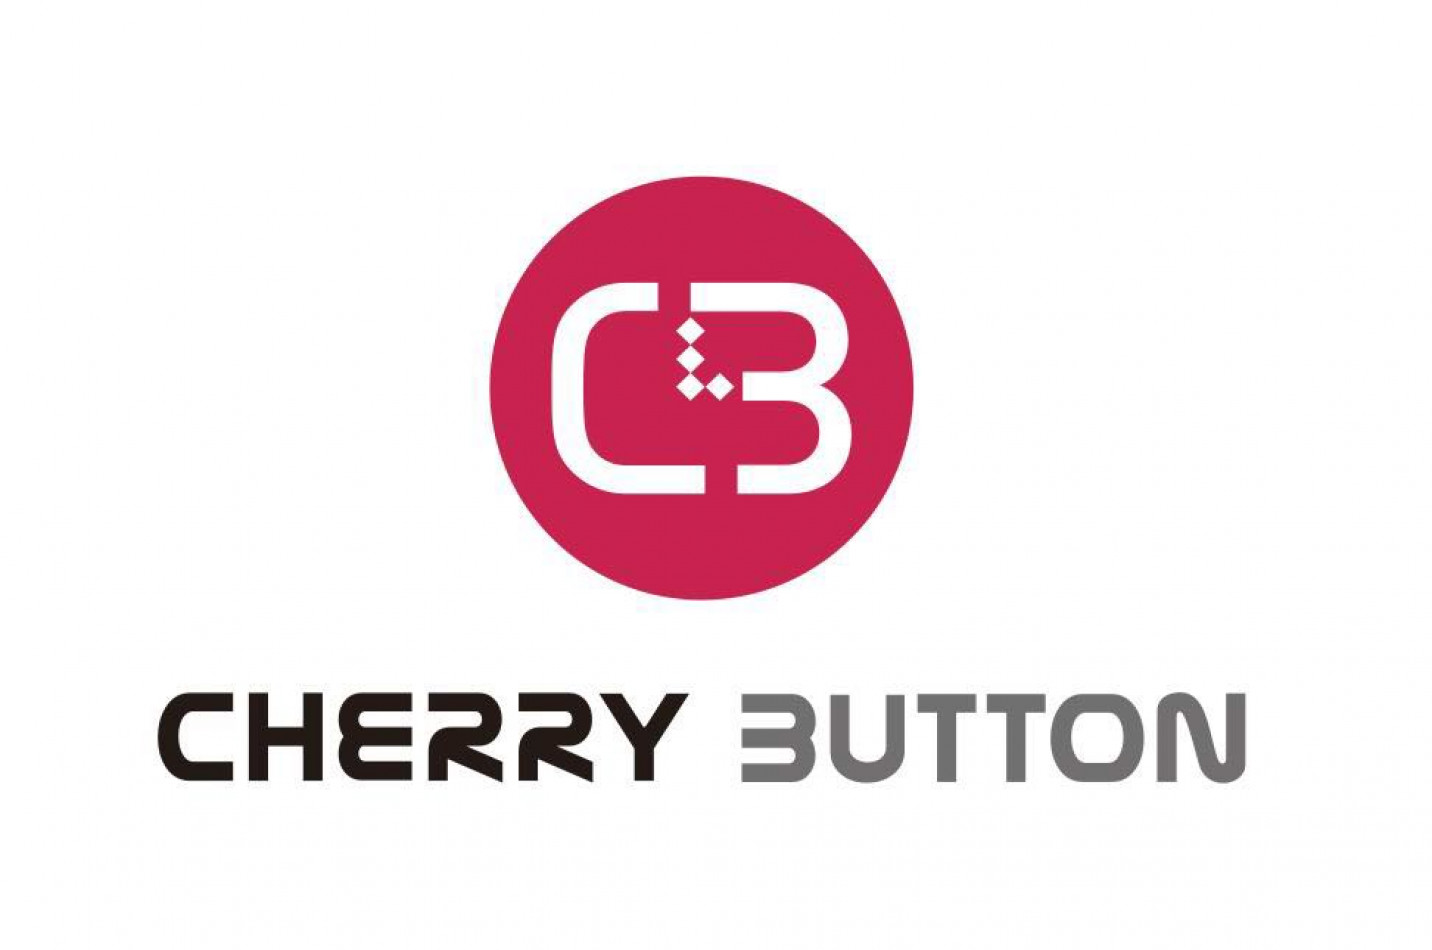 CHERRY BUTTON